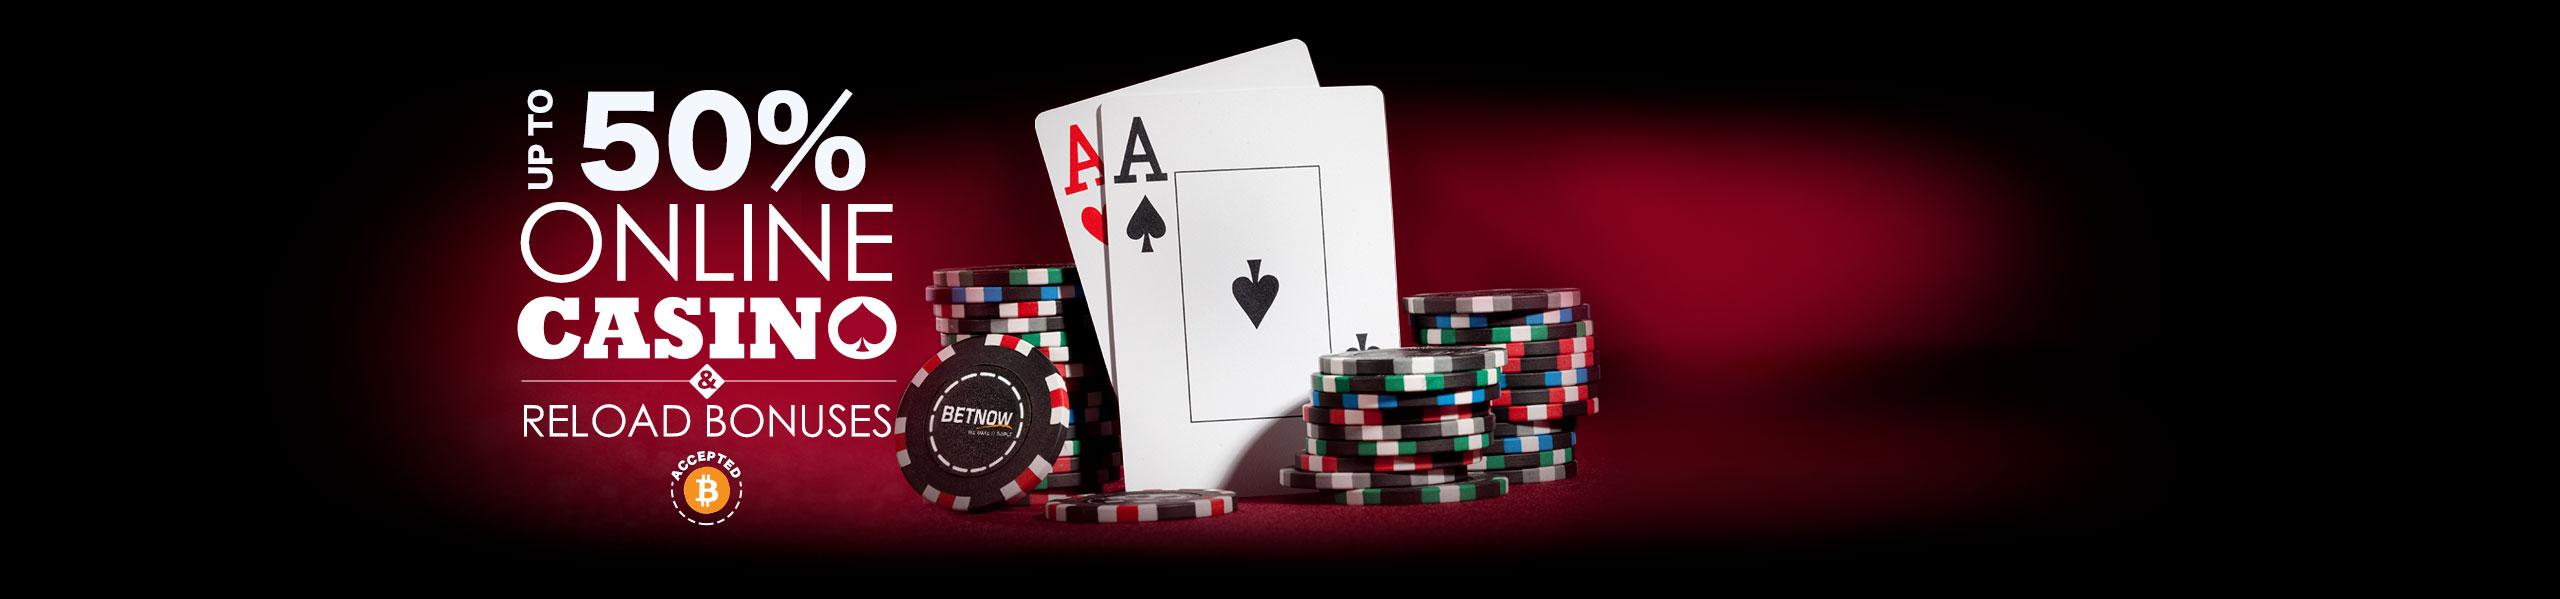 [Image: BN-casino-50.jpg]